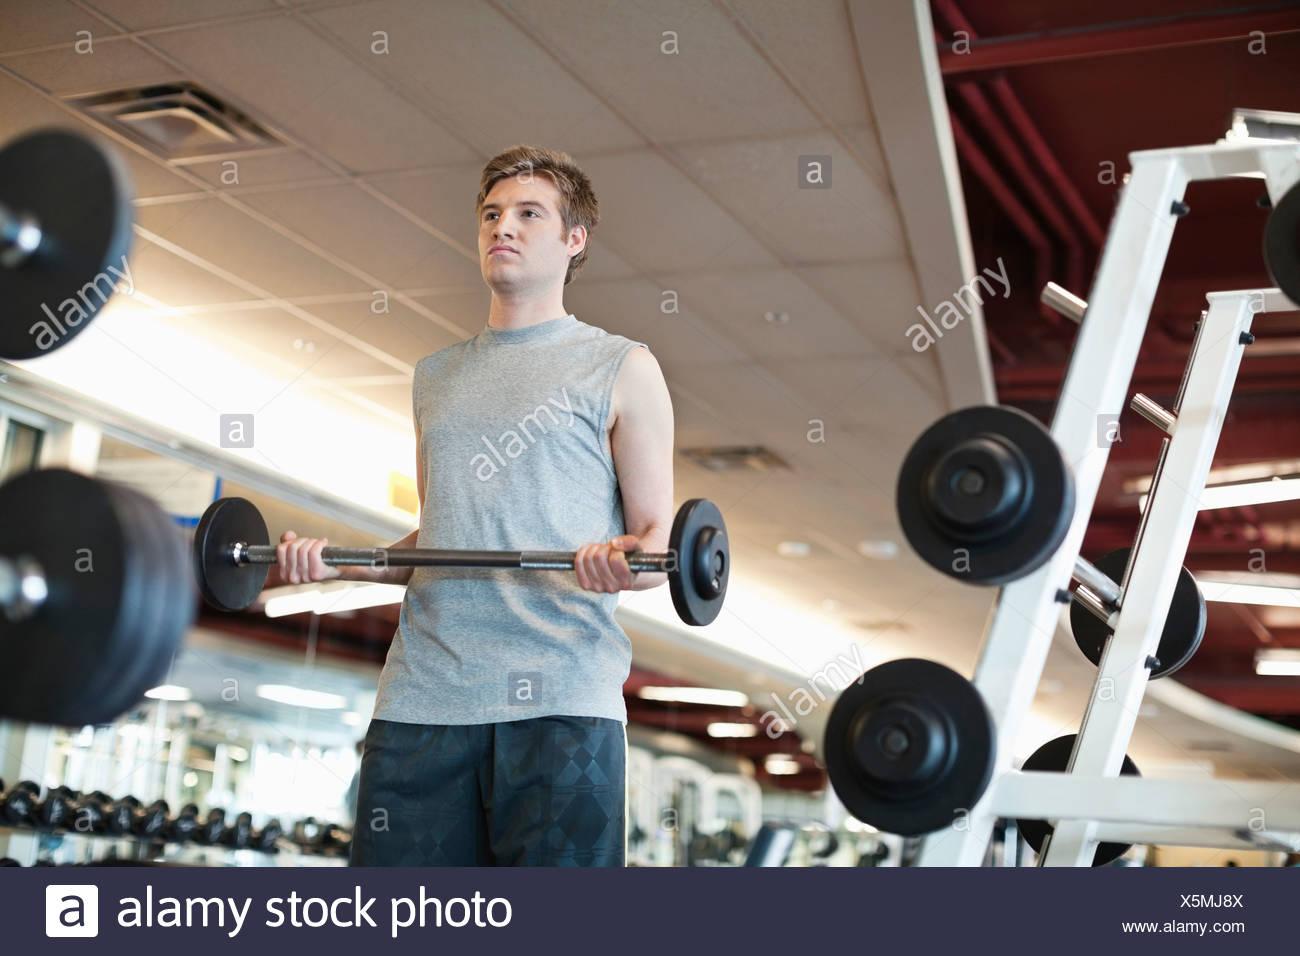 Basso angolo di visione dell'uomo sollevamento pesi nel centro fitness Immagini Stock